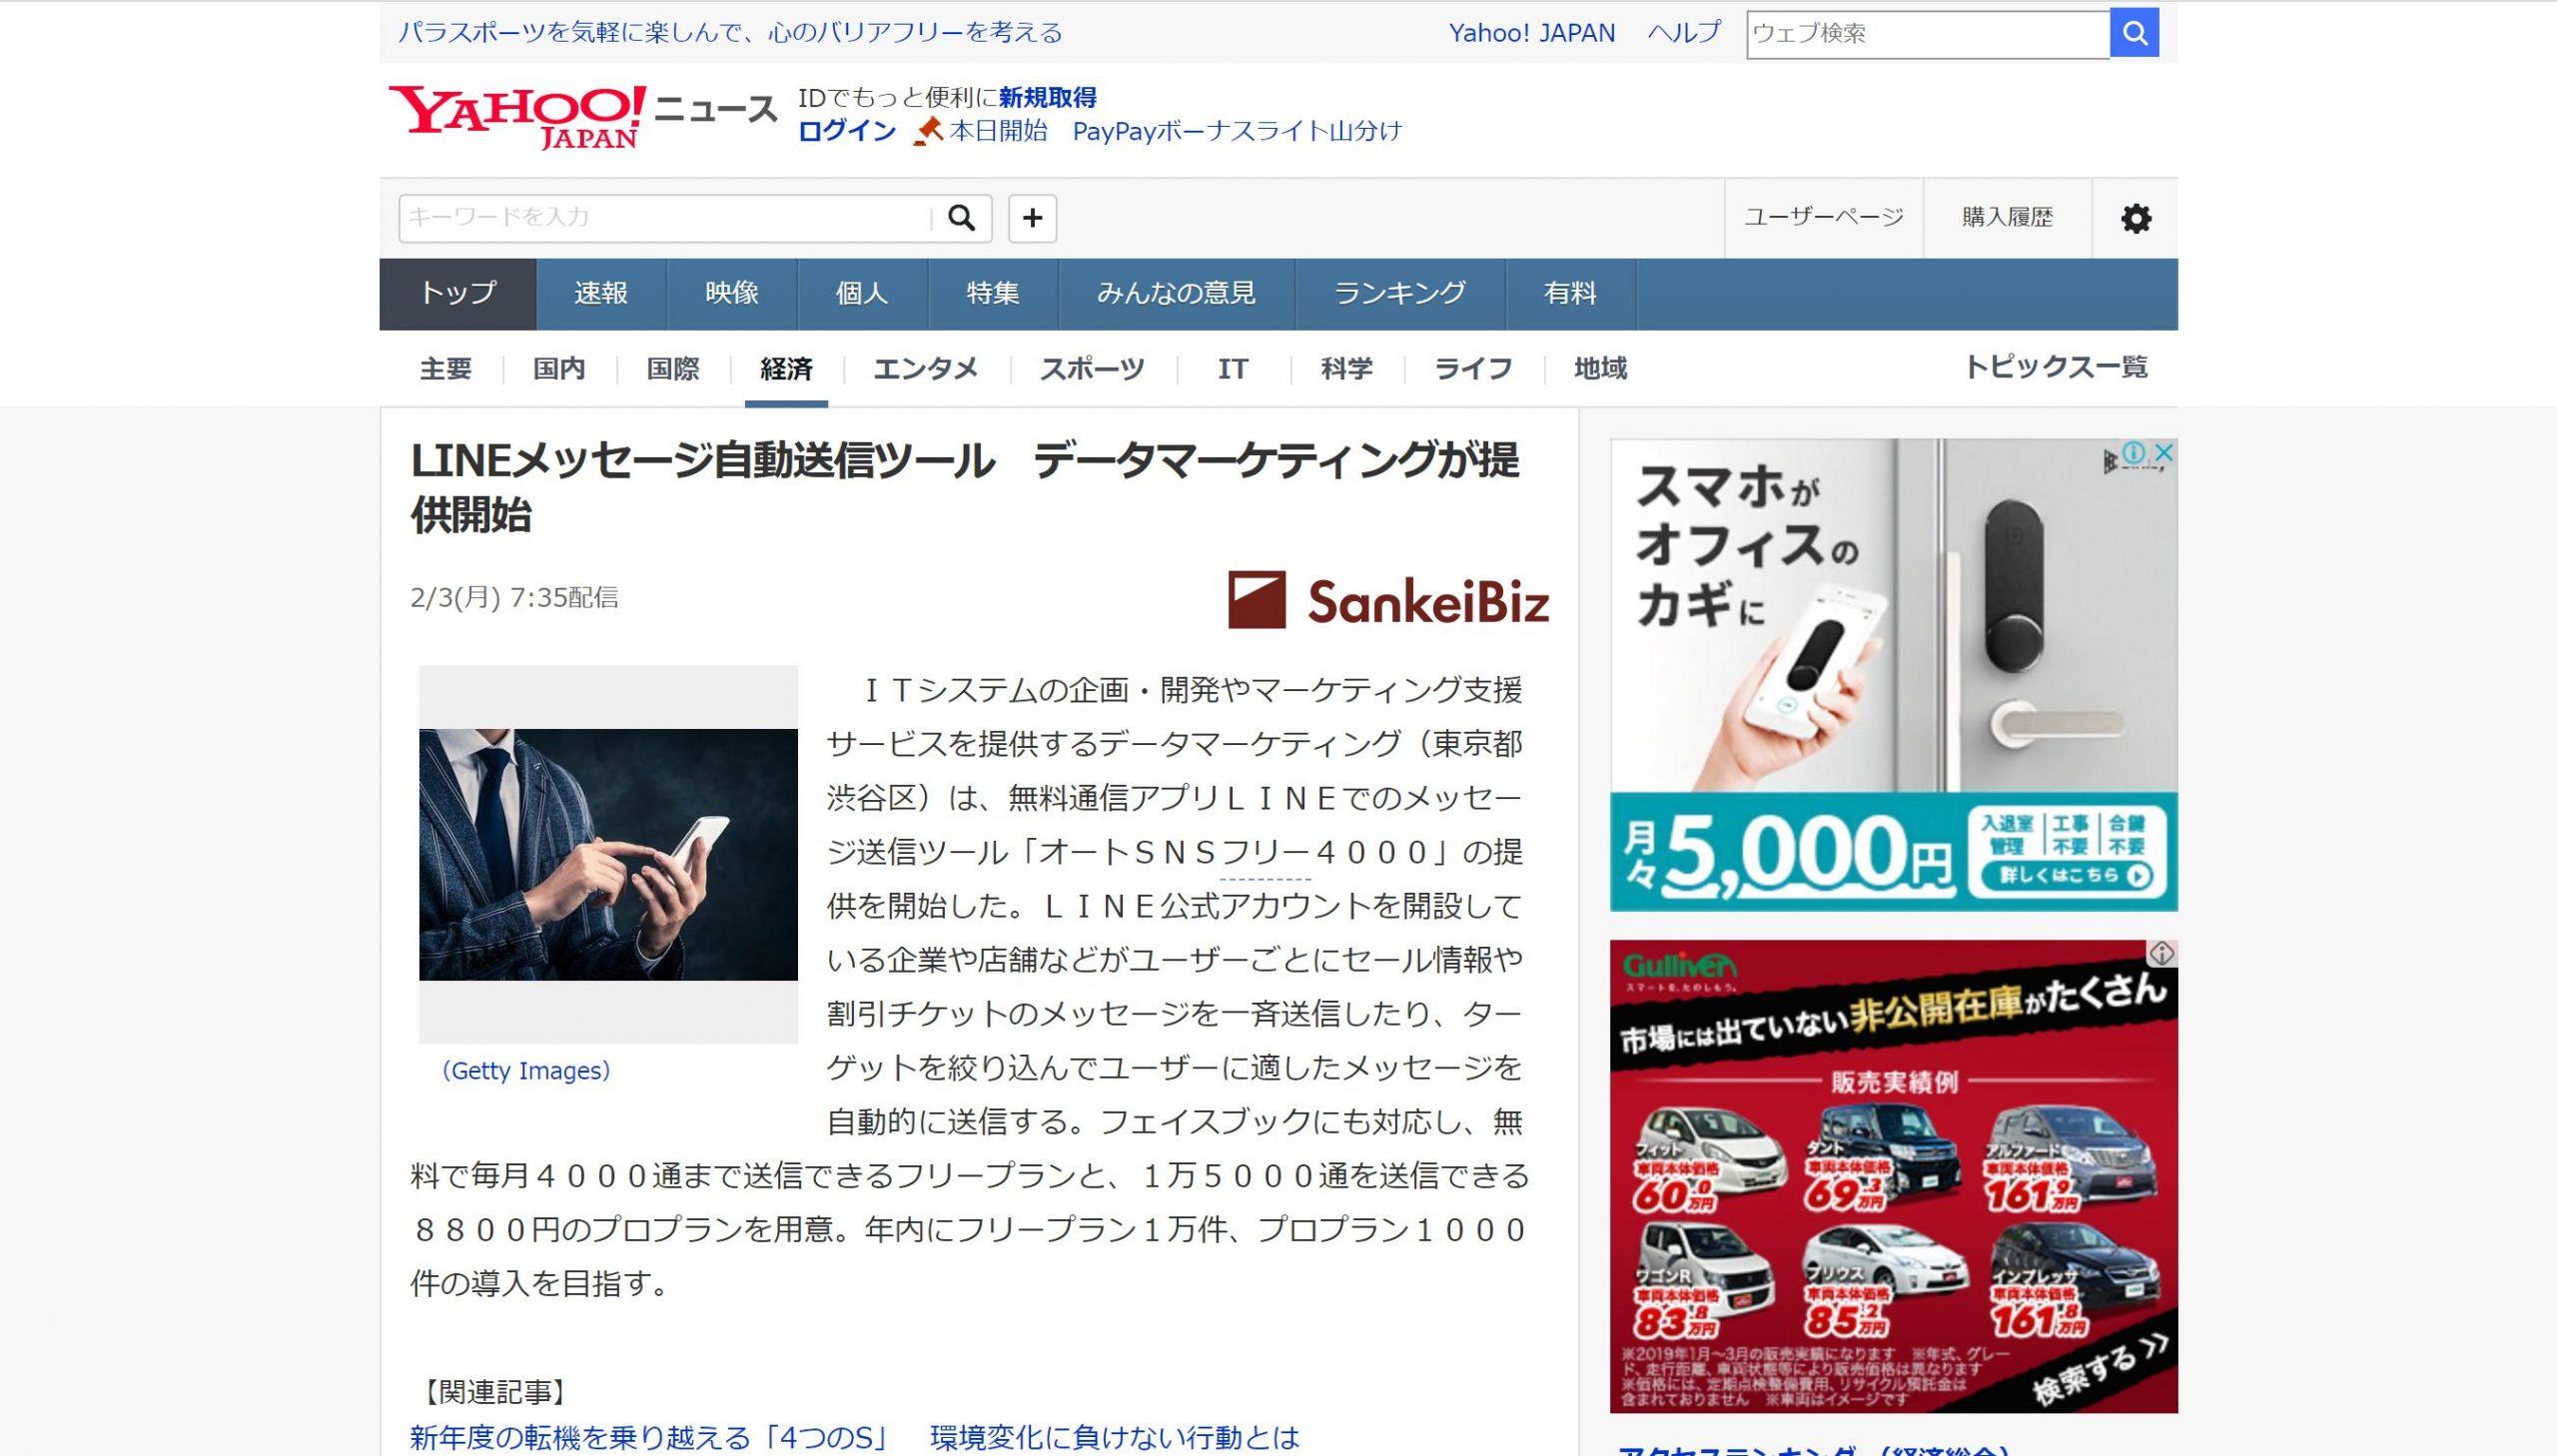 オートSNSフリーが「Yahoo!ニュース」に採り上げられる